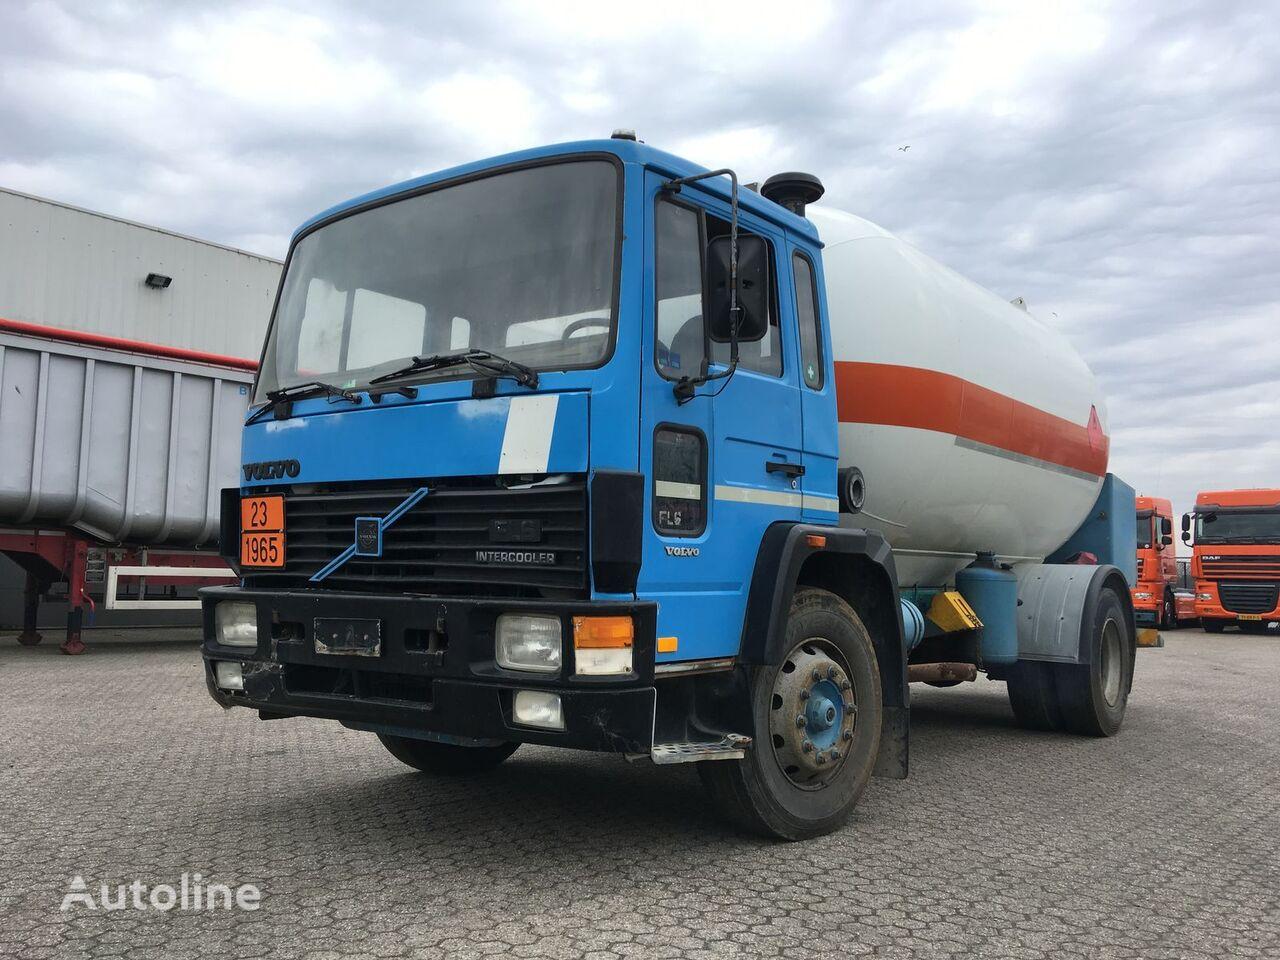 camion de gaz VOLVO Volvo Gas - Gaz - ADR 2 - 16.000ltr - 25Bar - P25BH